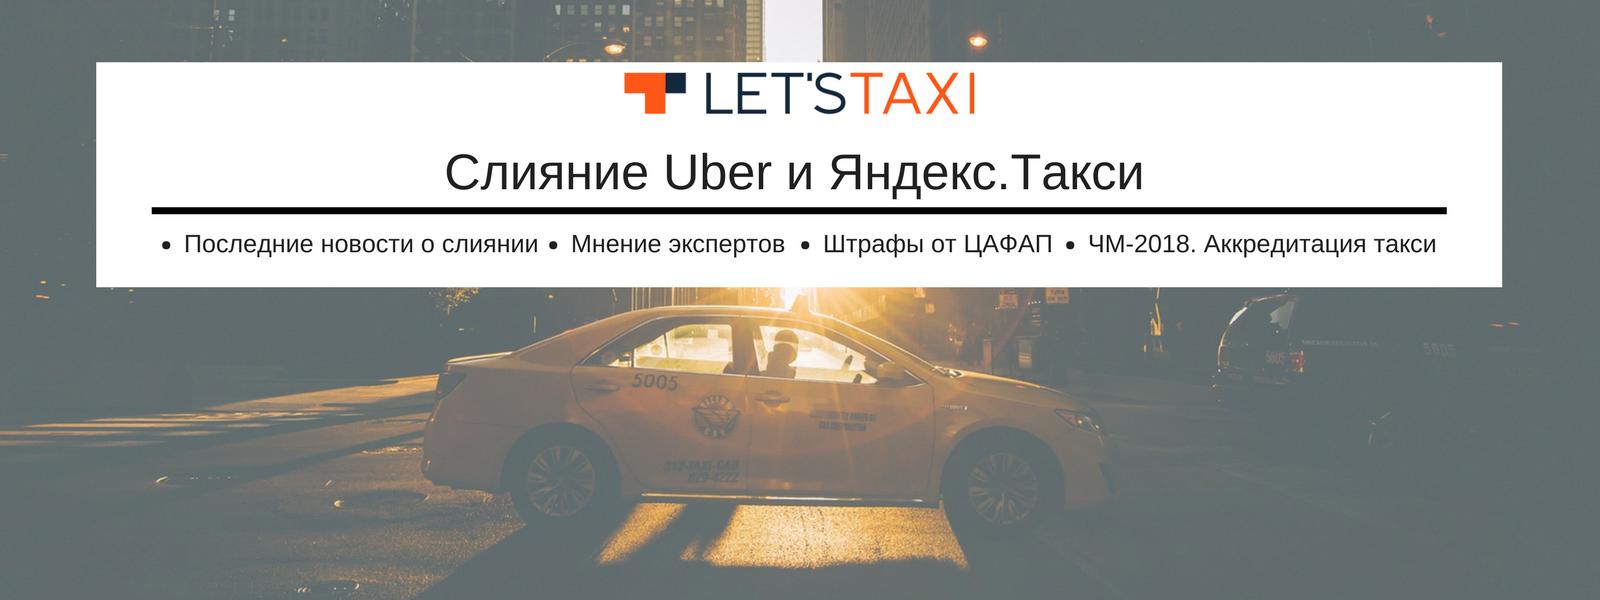 Слияние Uber и Яндекс